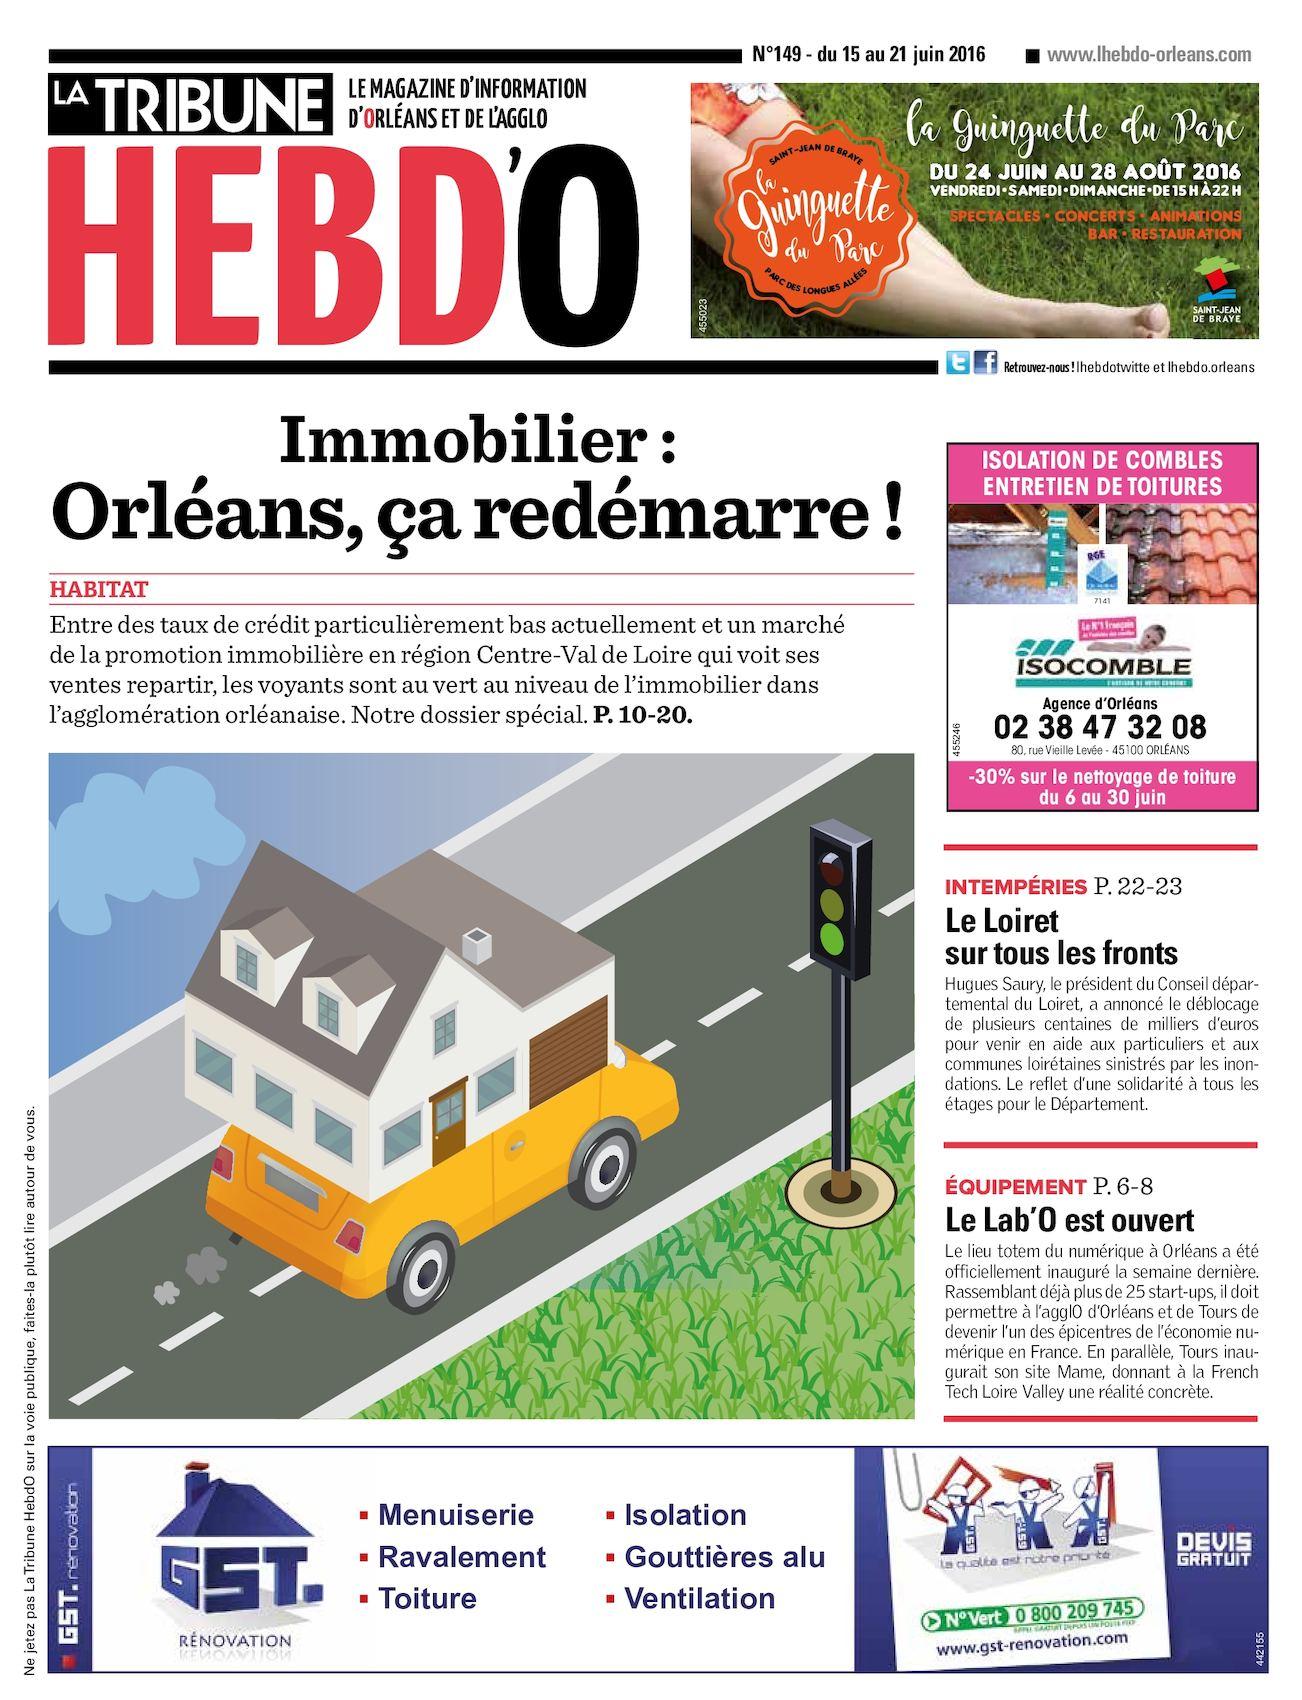 Envia Cuisine Fleury Les Aubrais calaméo - tribune hebdo n° 149 magazine d'actualité d